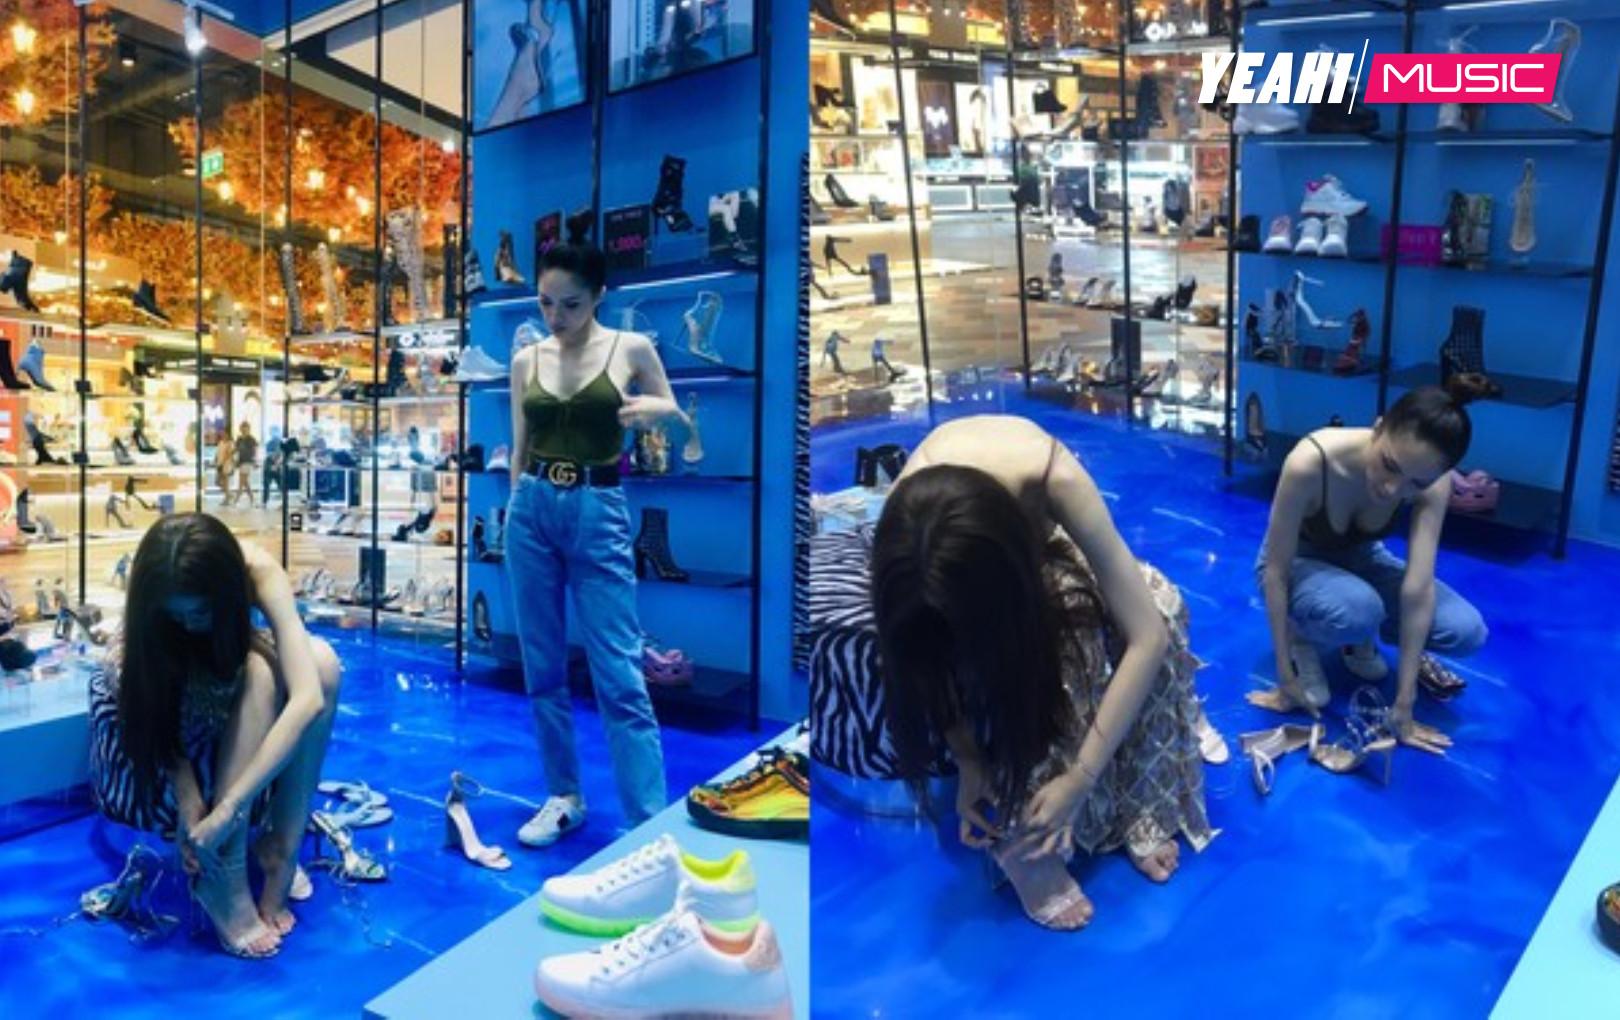 Hé lộ hình ảnh Hương Giang giúp Nhật Hà mua giày và gửi lời nhắn nhủ cảm động sau khi hết nhiệm kỳ